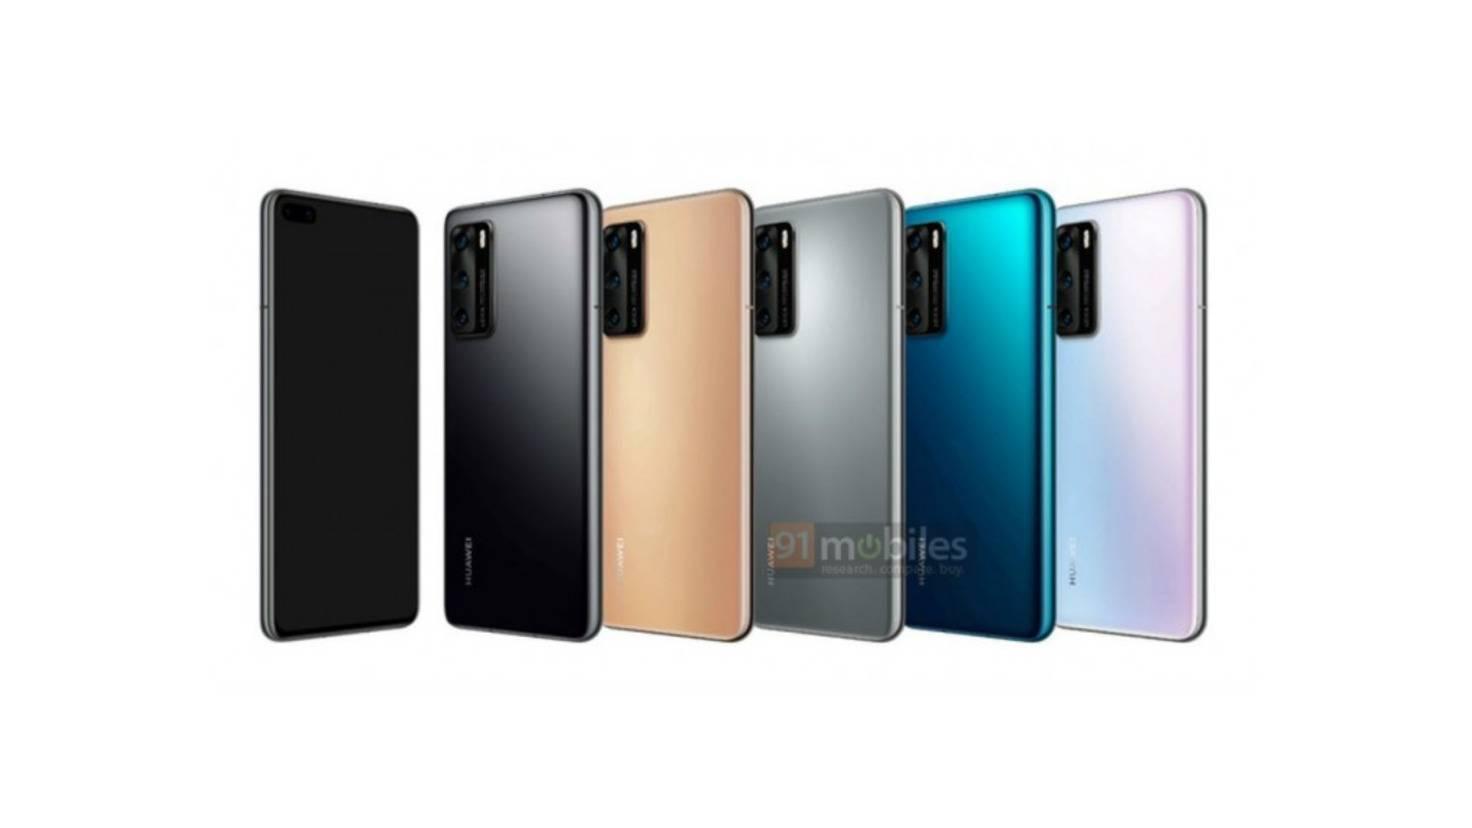 Huawei p40 render images